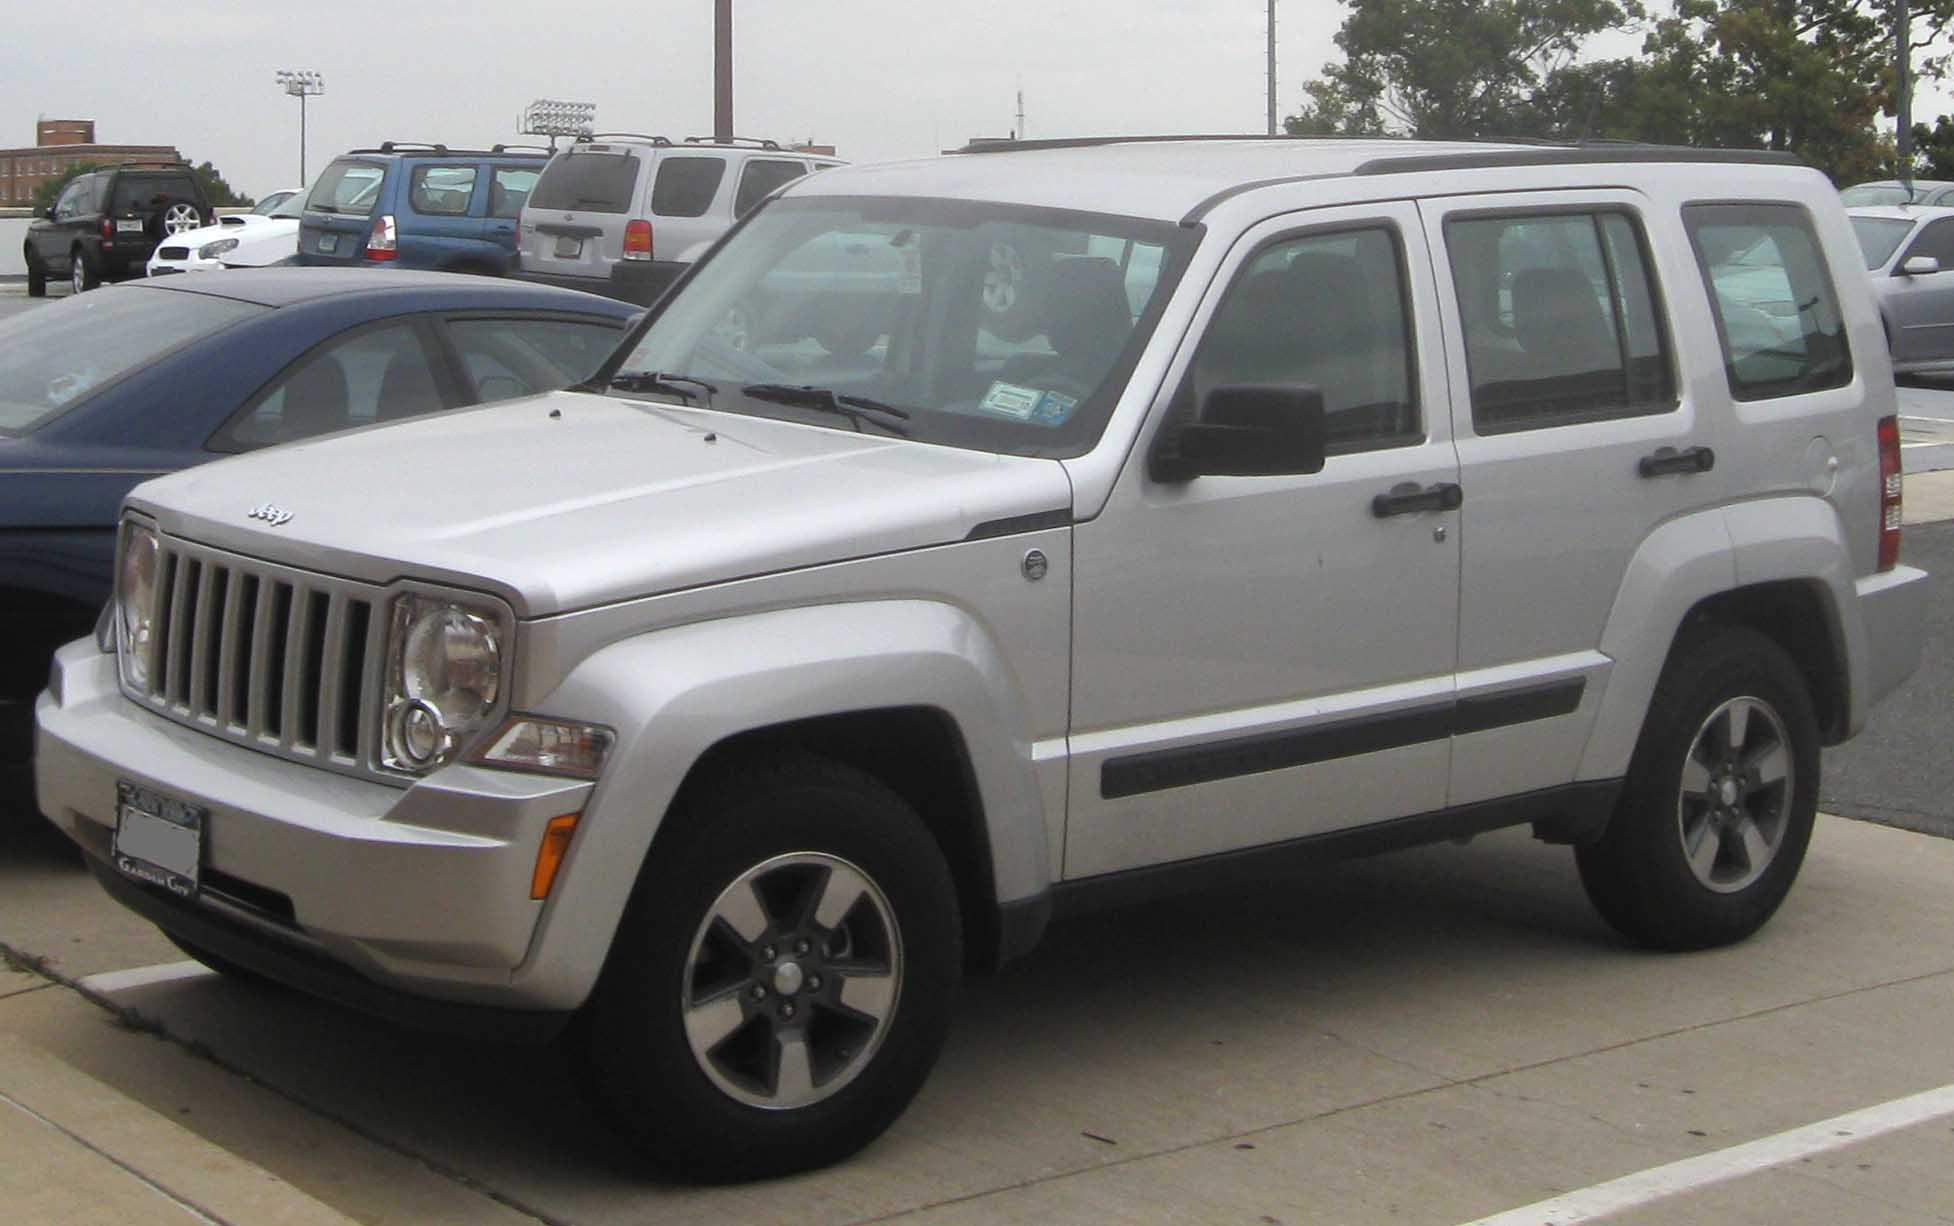 file:2nd jeep liberty - wikimedia commons